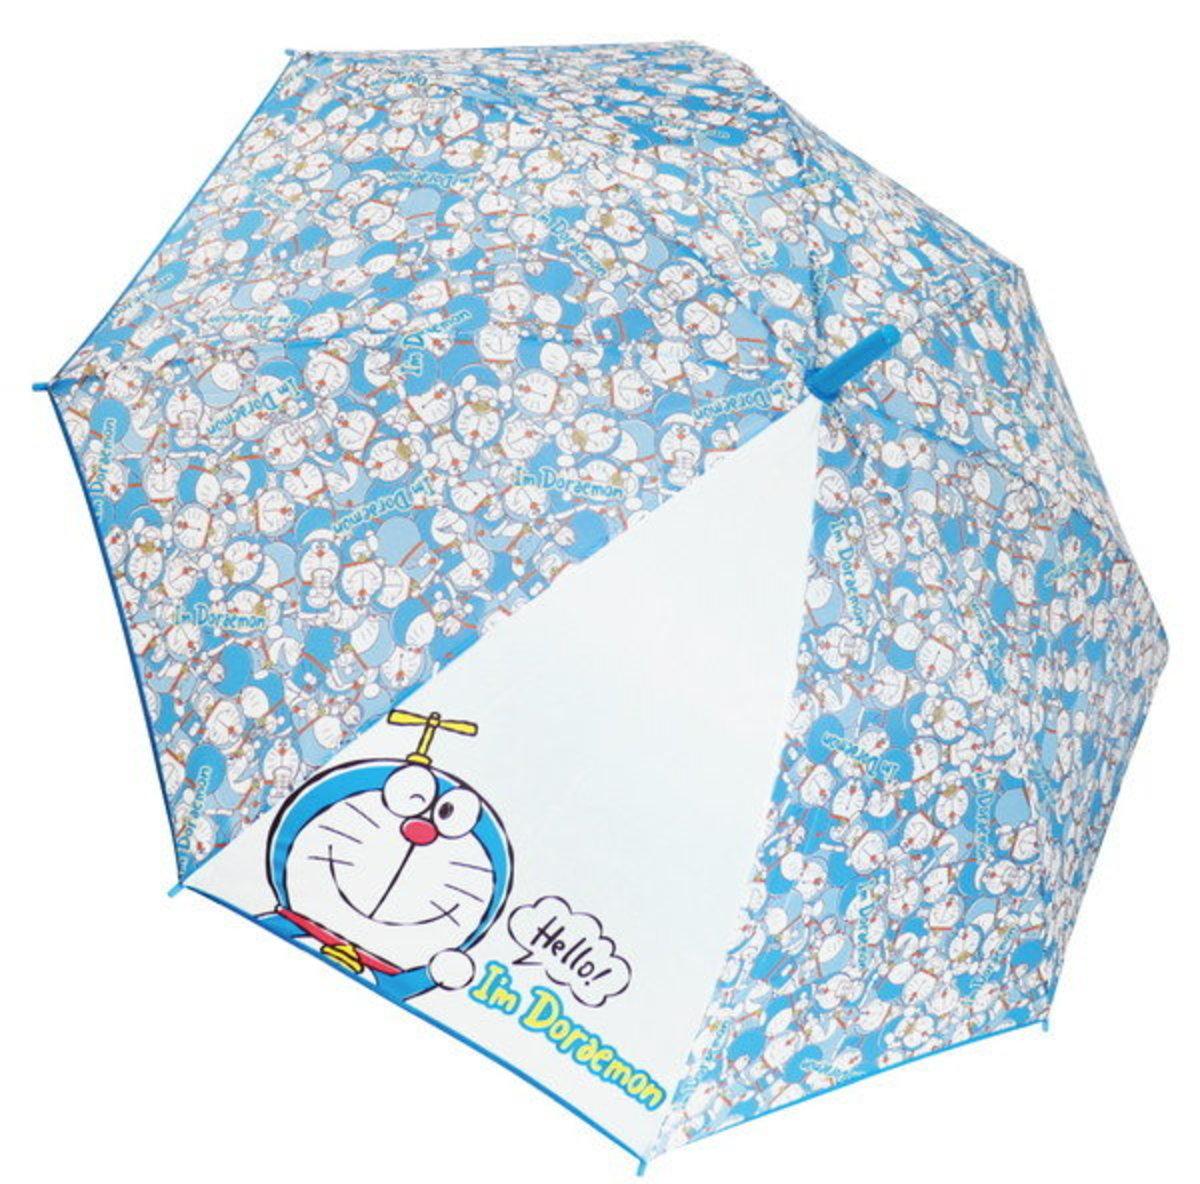 Doraemon Umbrella (55cm Long radius) 35108